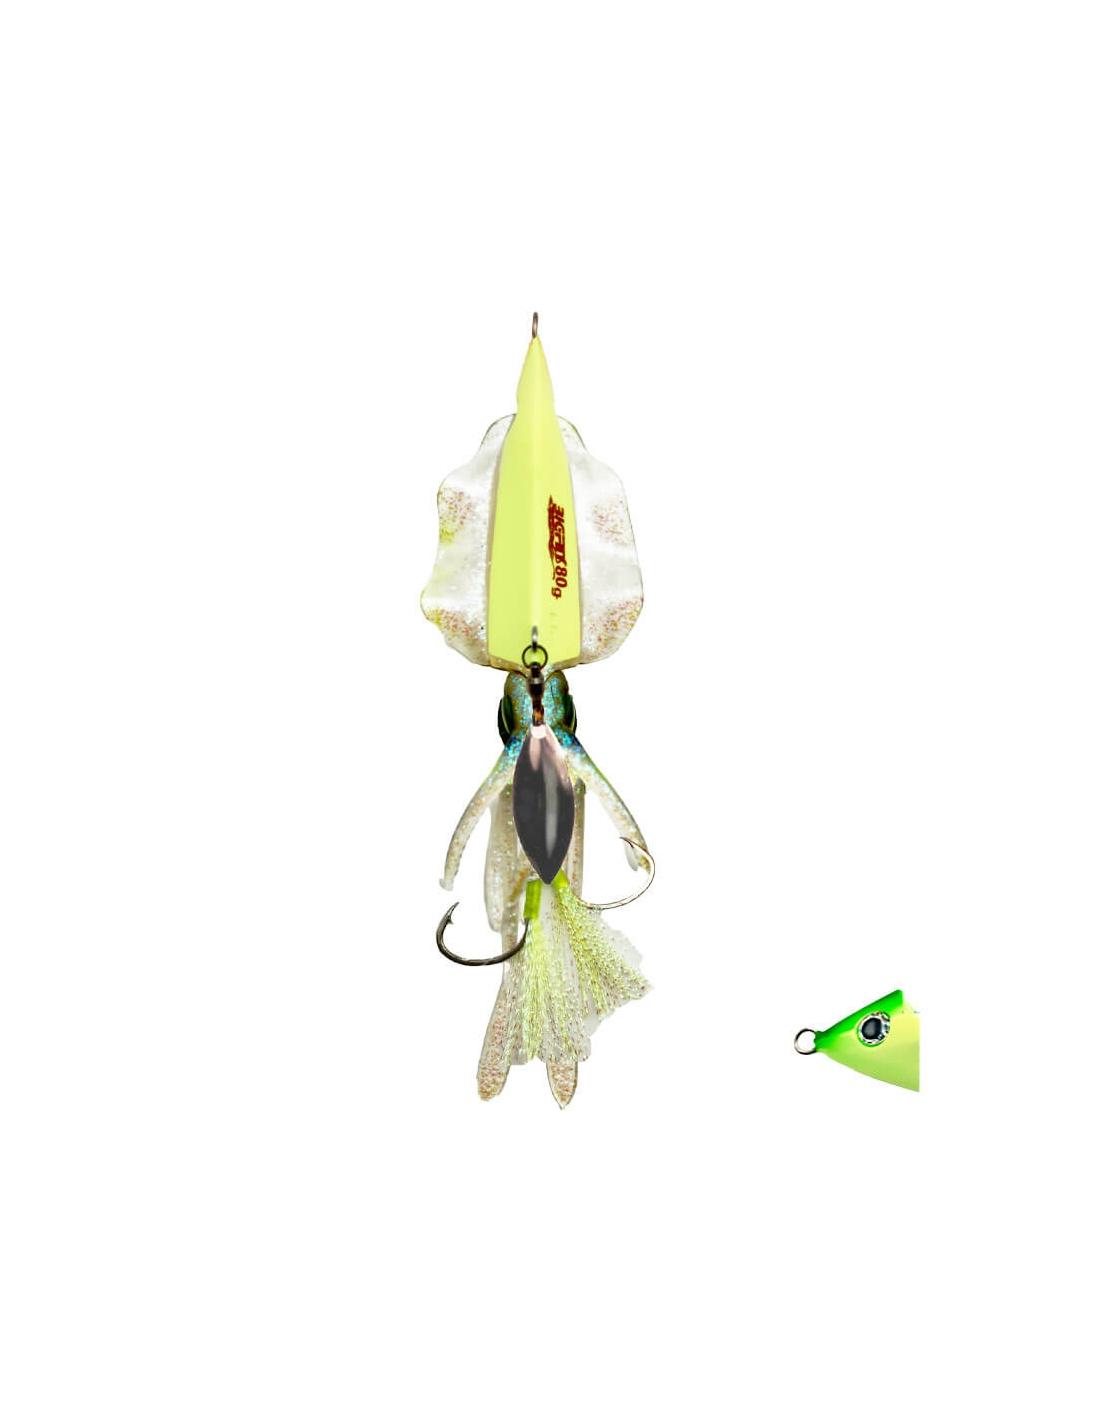 Señuelo Prohunter Big Fins Completo Cuerpo + Plomo 110g